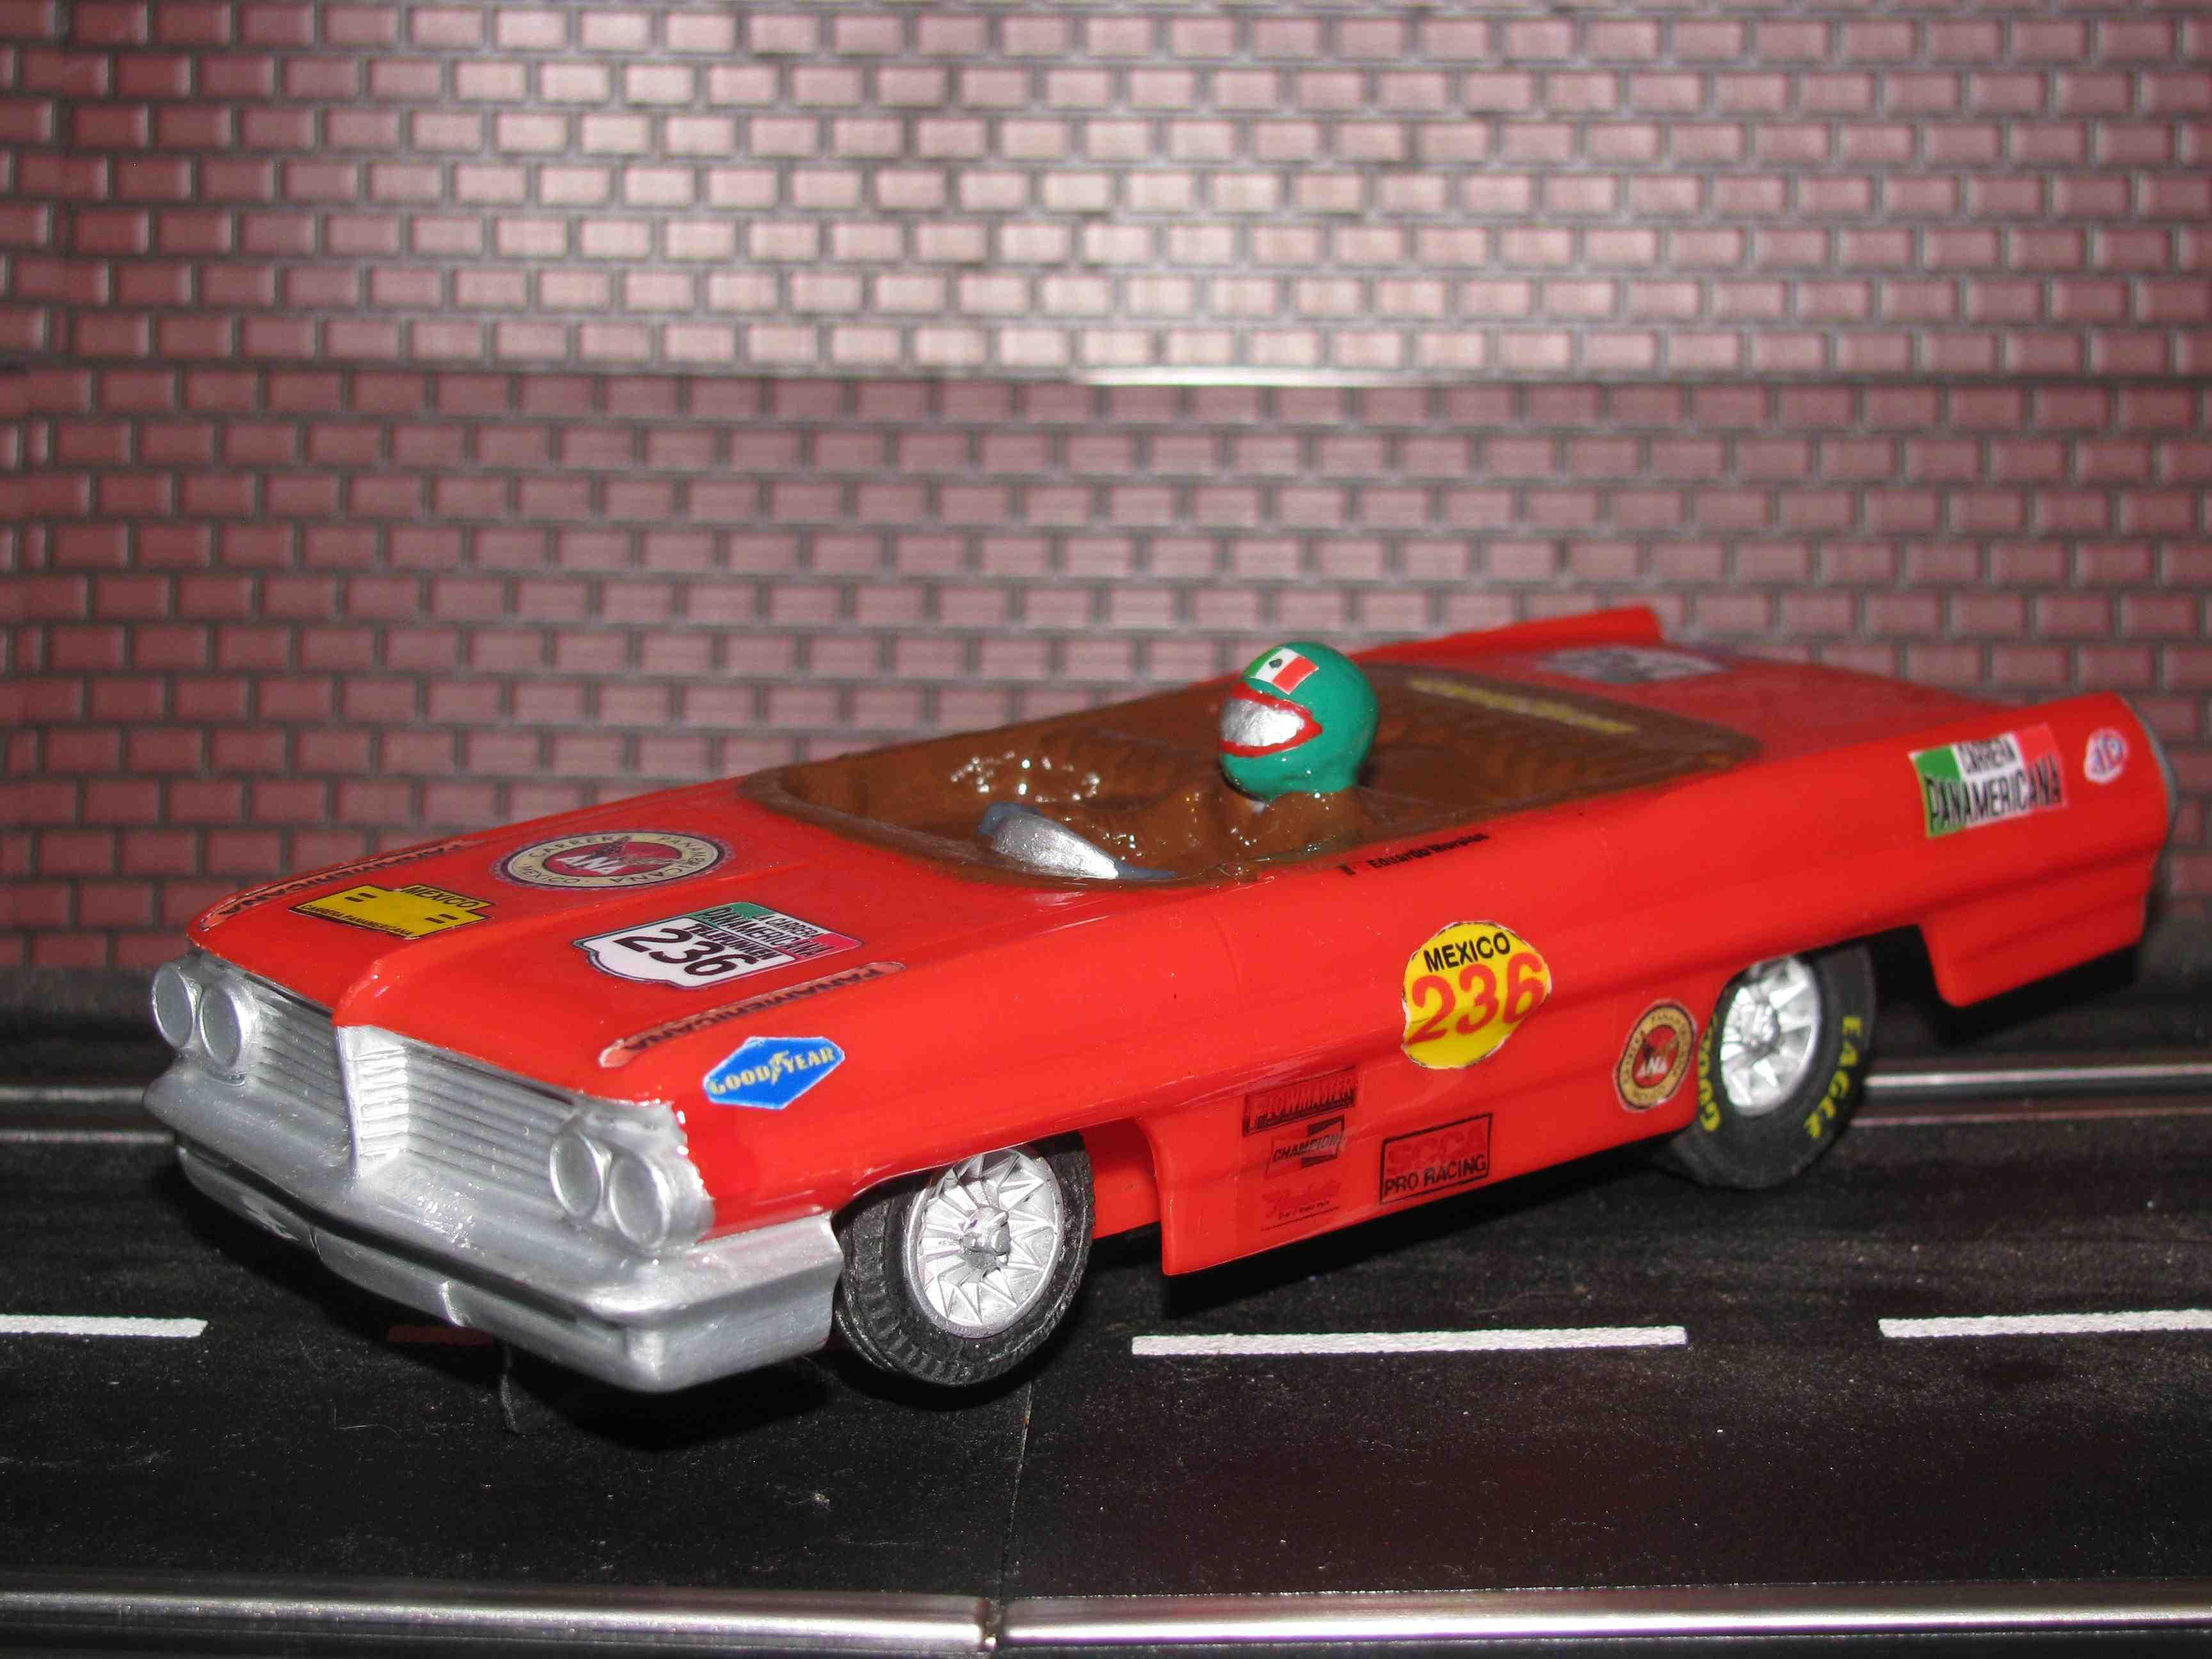 * SOLD * VINTAGE STROMBECKER 1962 PONTIAC BONNAVILLE CONVERTIBLE SLOT CAR - 1/32 SCALE - Car 236